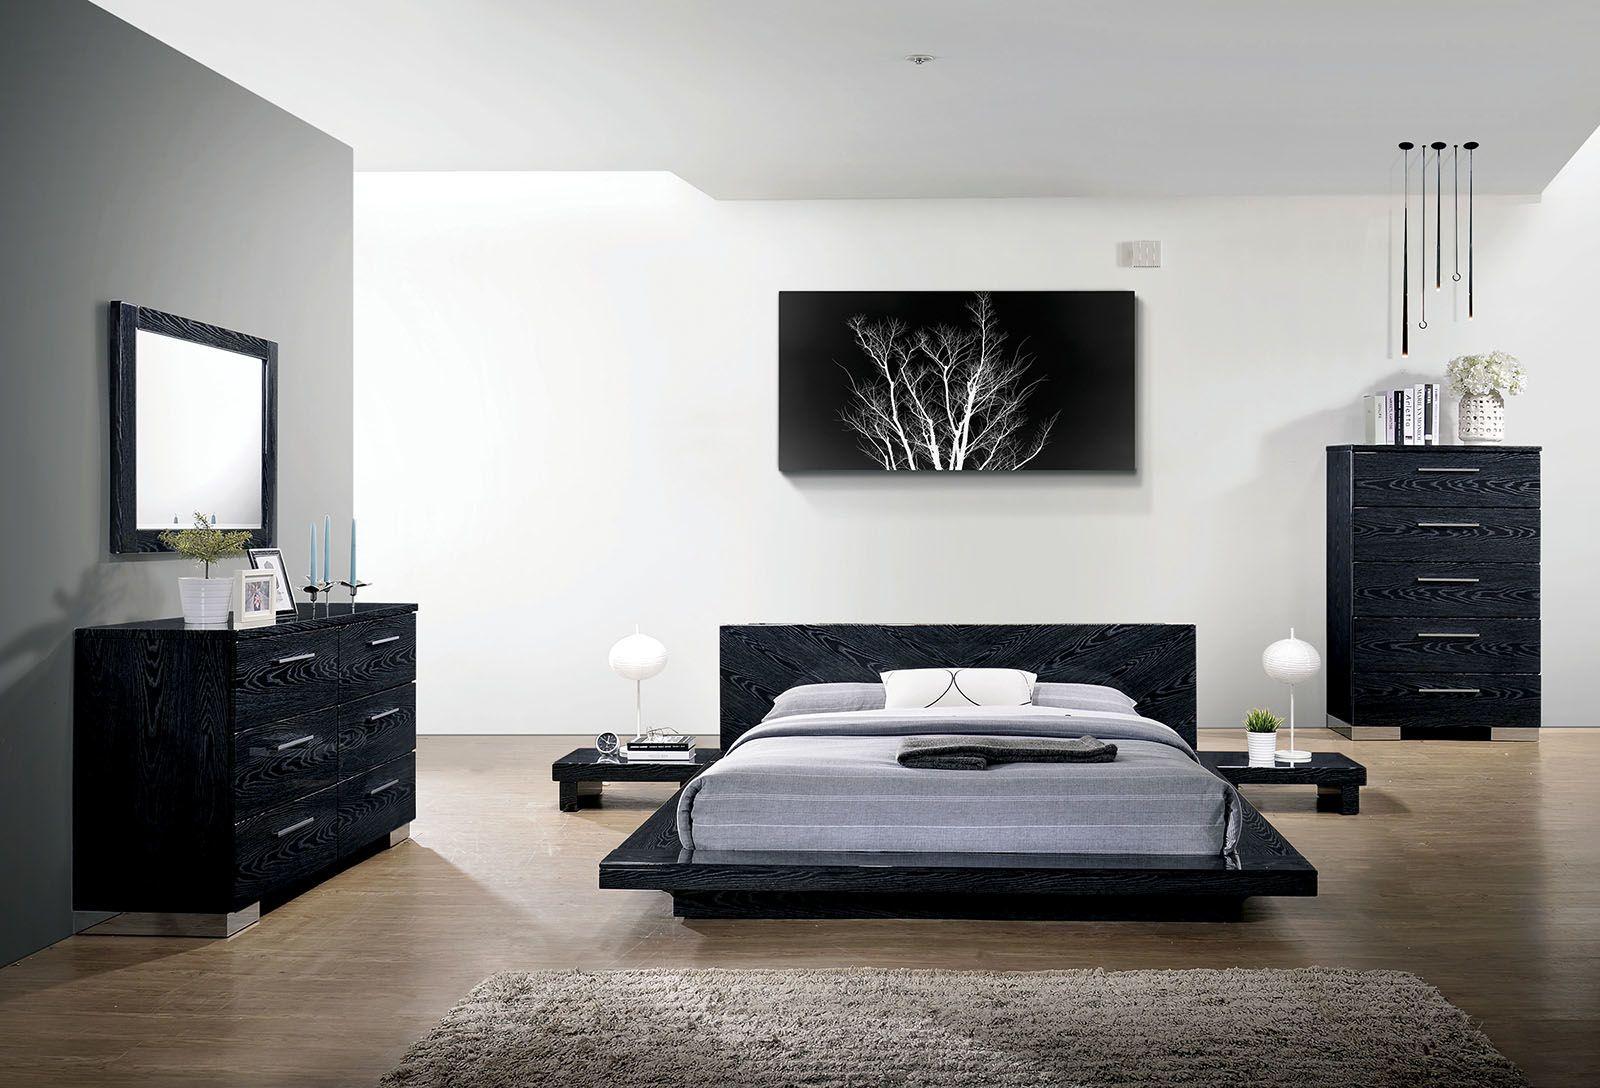 Cristie Black King Size Bed Cm7540bk Ek Furniture Of America King Size Beds In 2020 Platform Bedroom Sets Modern Bedroom Furniture Bedroom Sets Queen